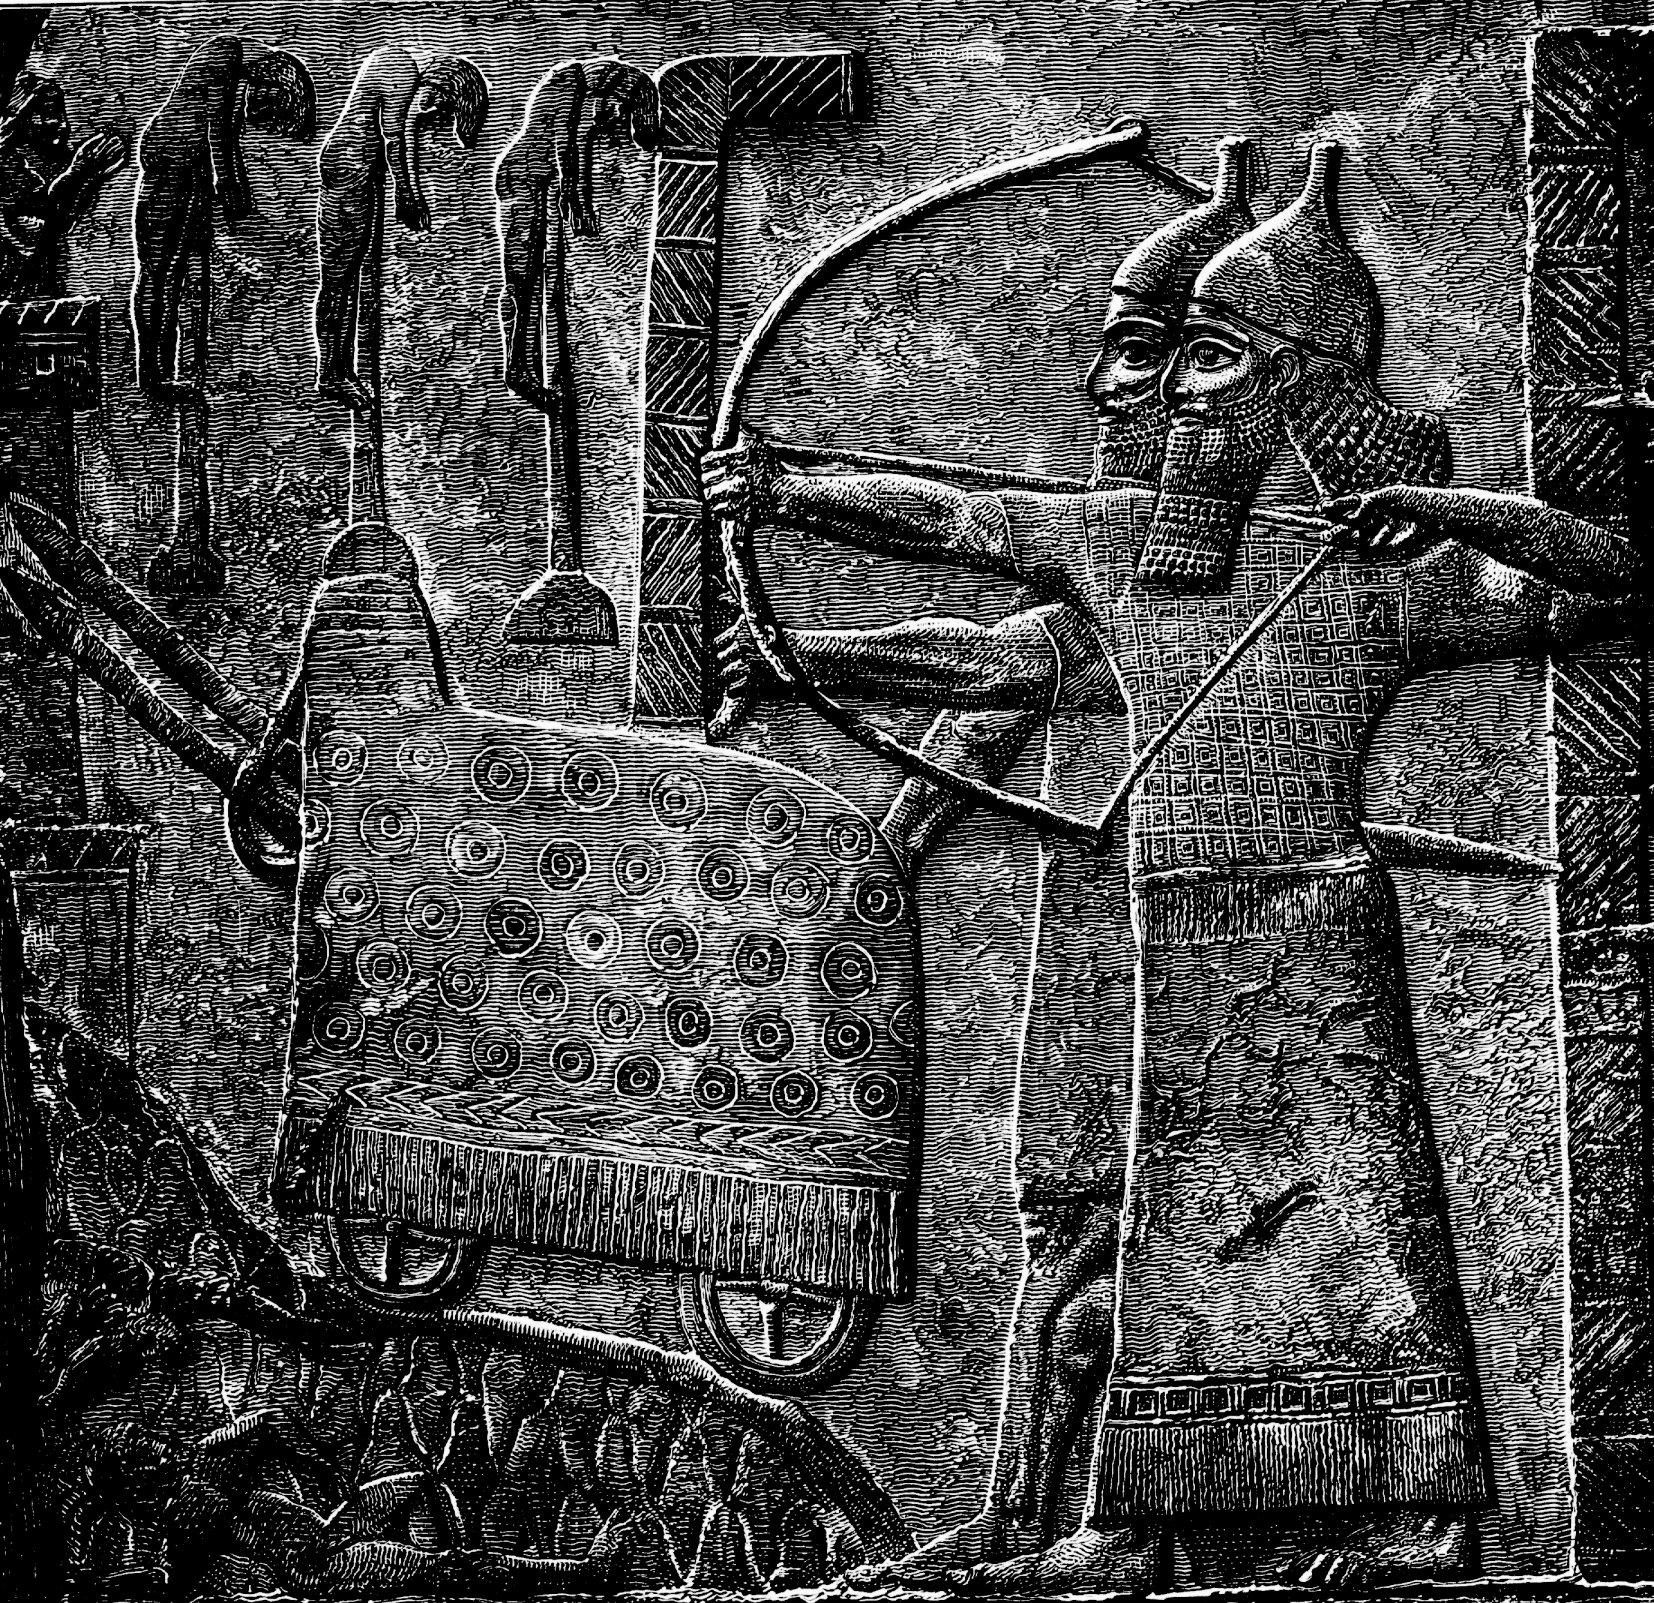 上图:亚述壁画,提革拉·毗列色三世的军队正在围攻一个城镇。